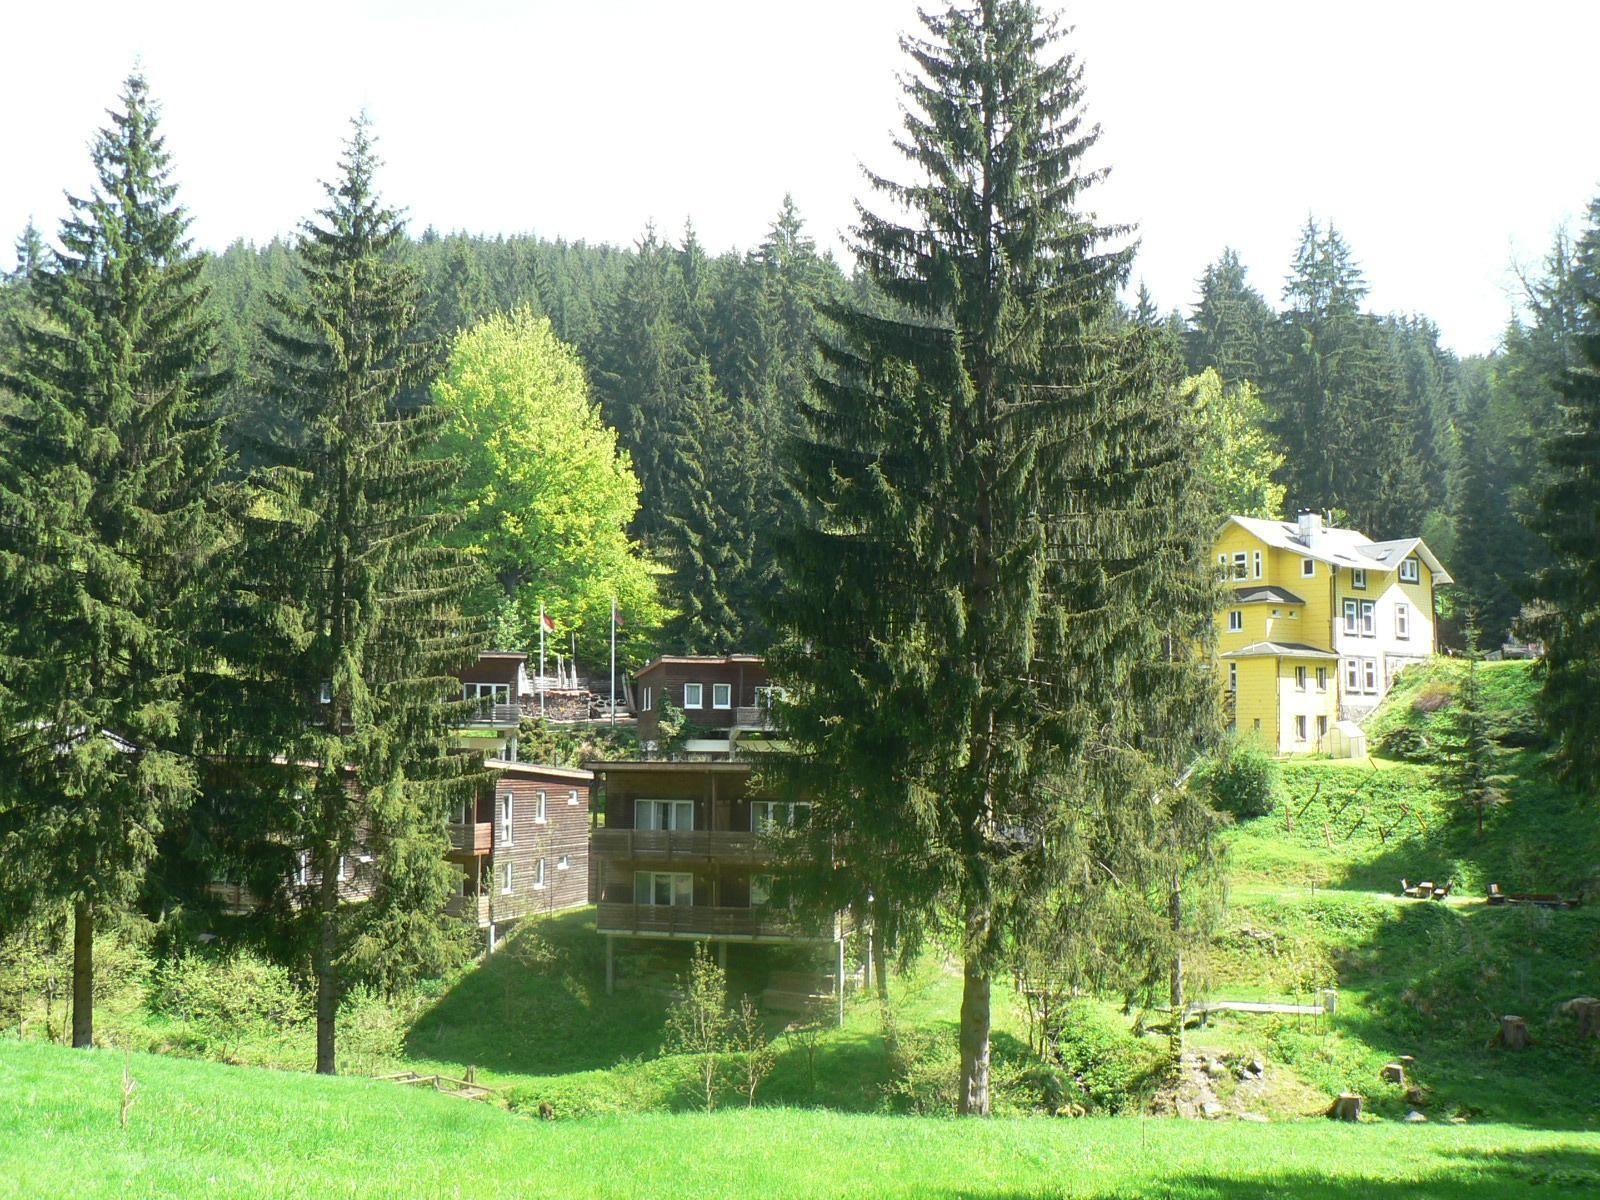 Ferienhaus für 9 Personen ca. 110 m² in